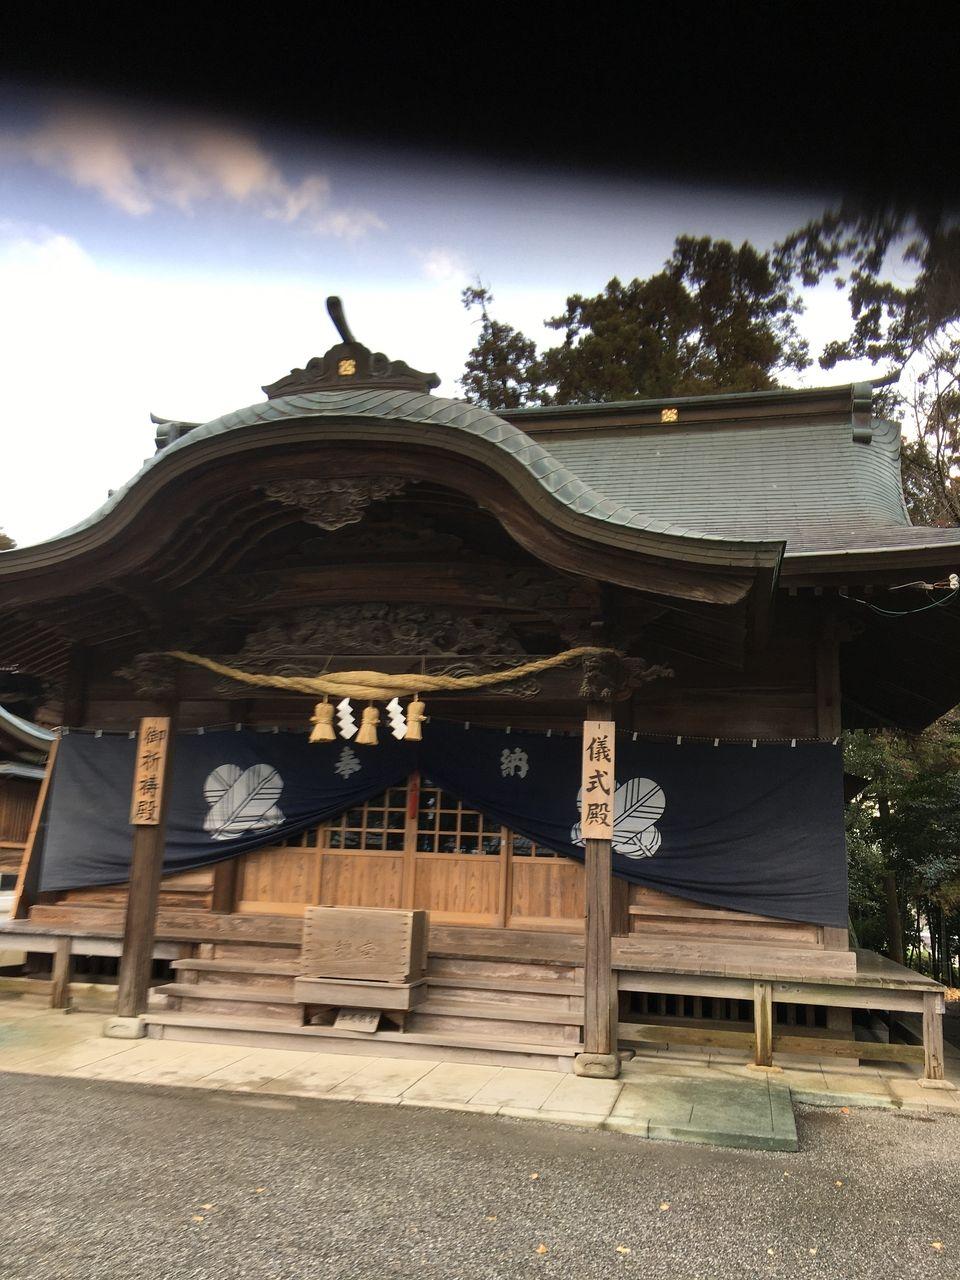 初詣の参拝者を迎える準備の進む健軍神社儀式殿